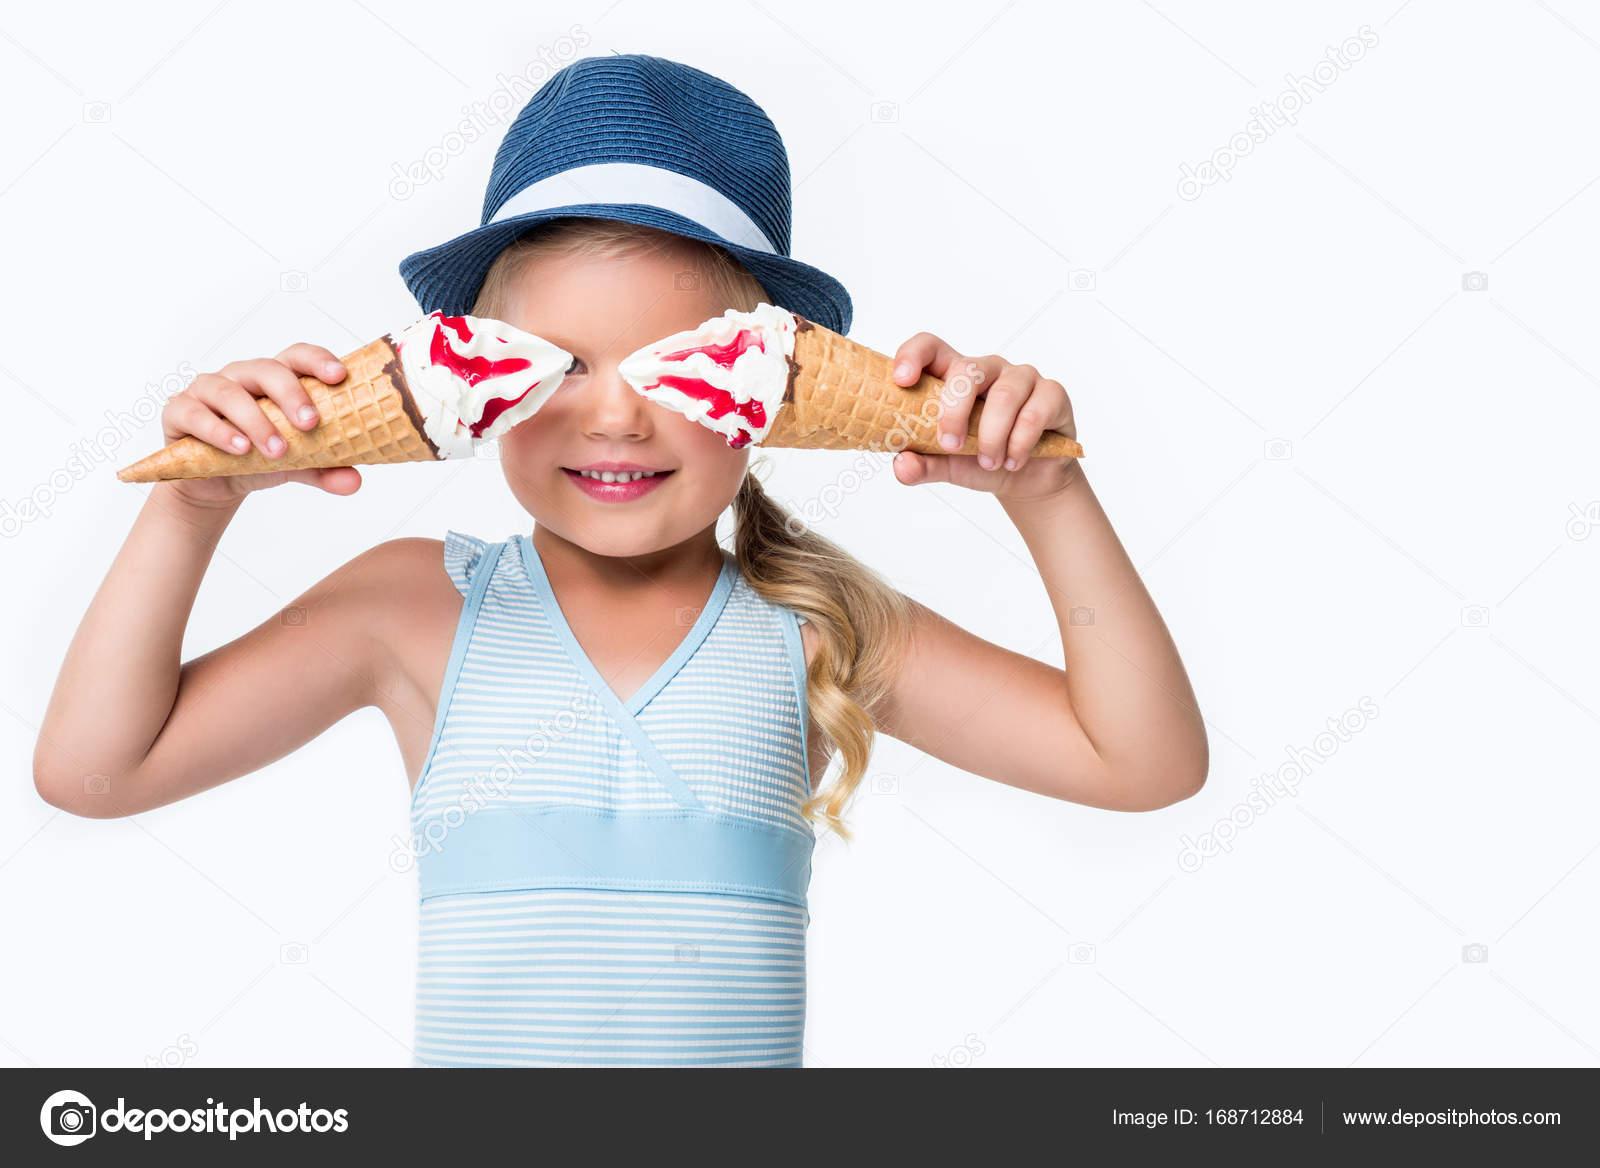 Zwembroek Kind.Kind In Zwembroek Met Ijs Stockfoto C Alebloshka 168712884